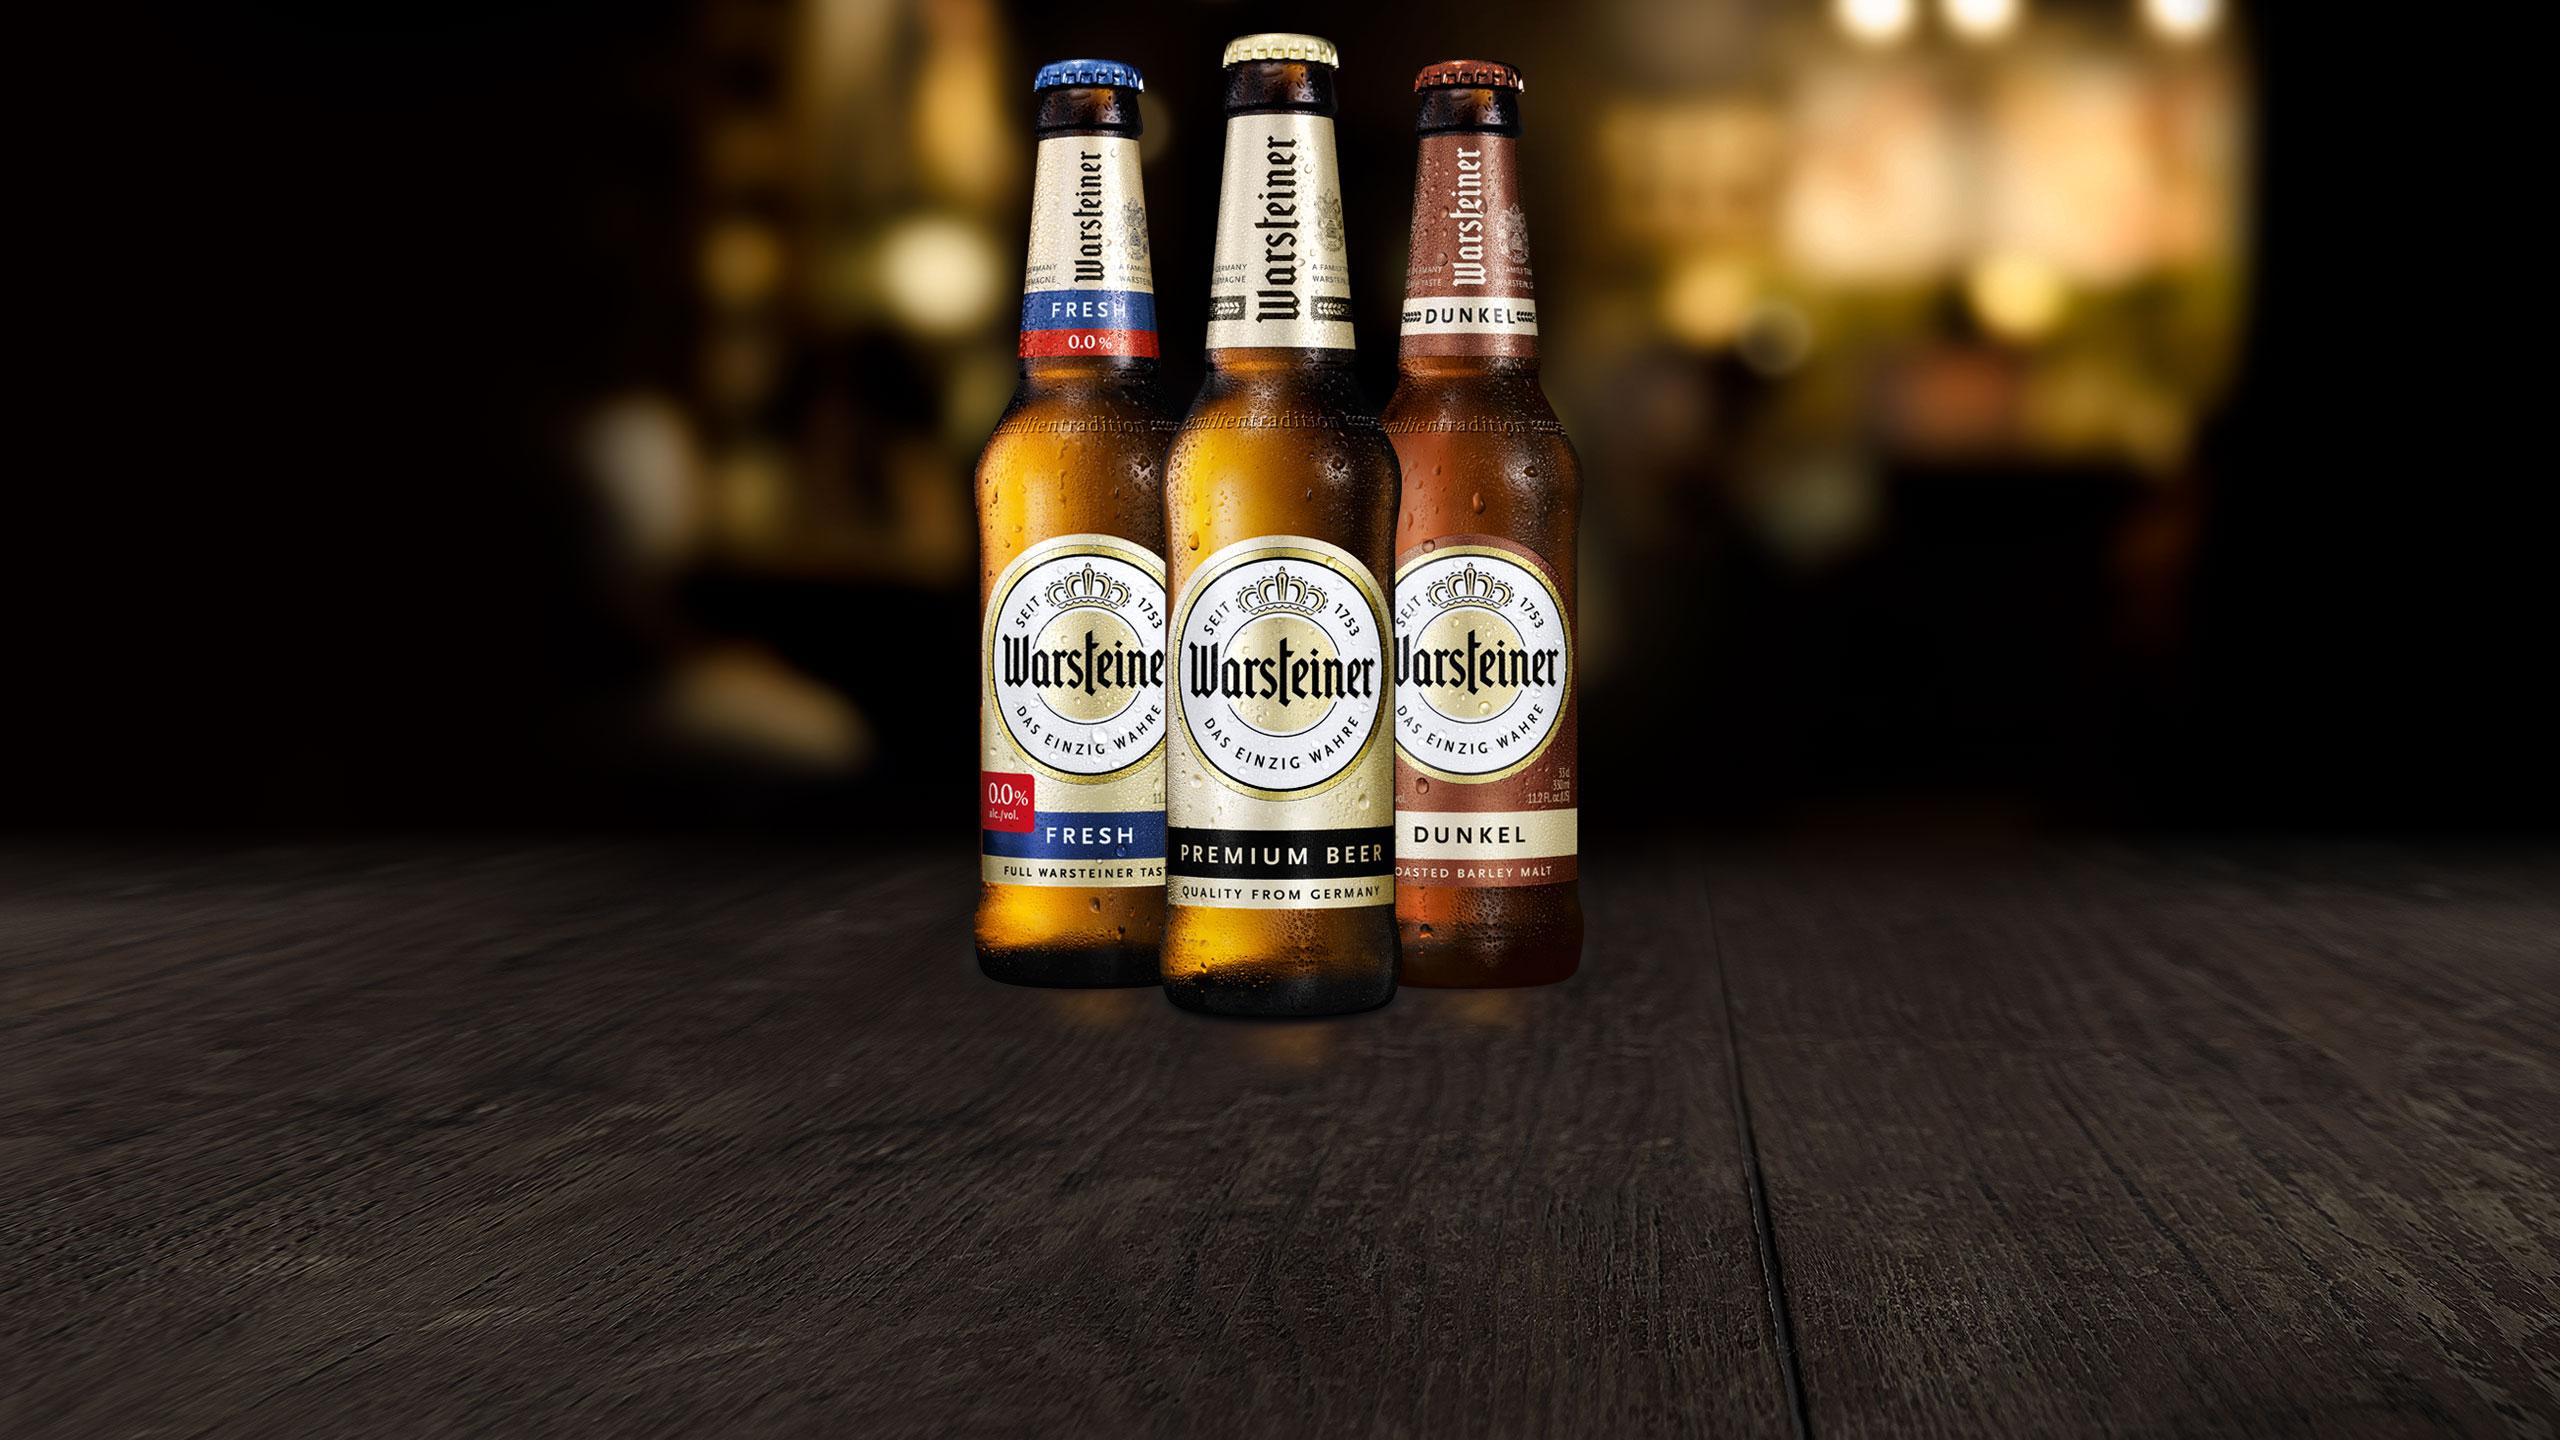 Warsteiner International | Premium Beer